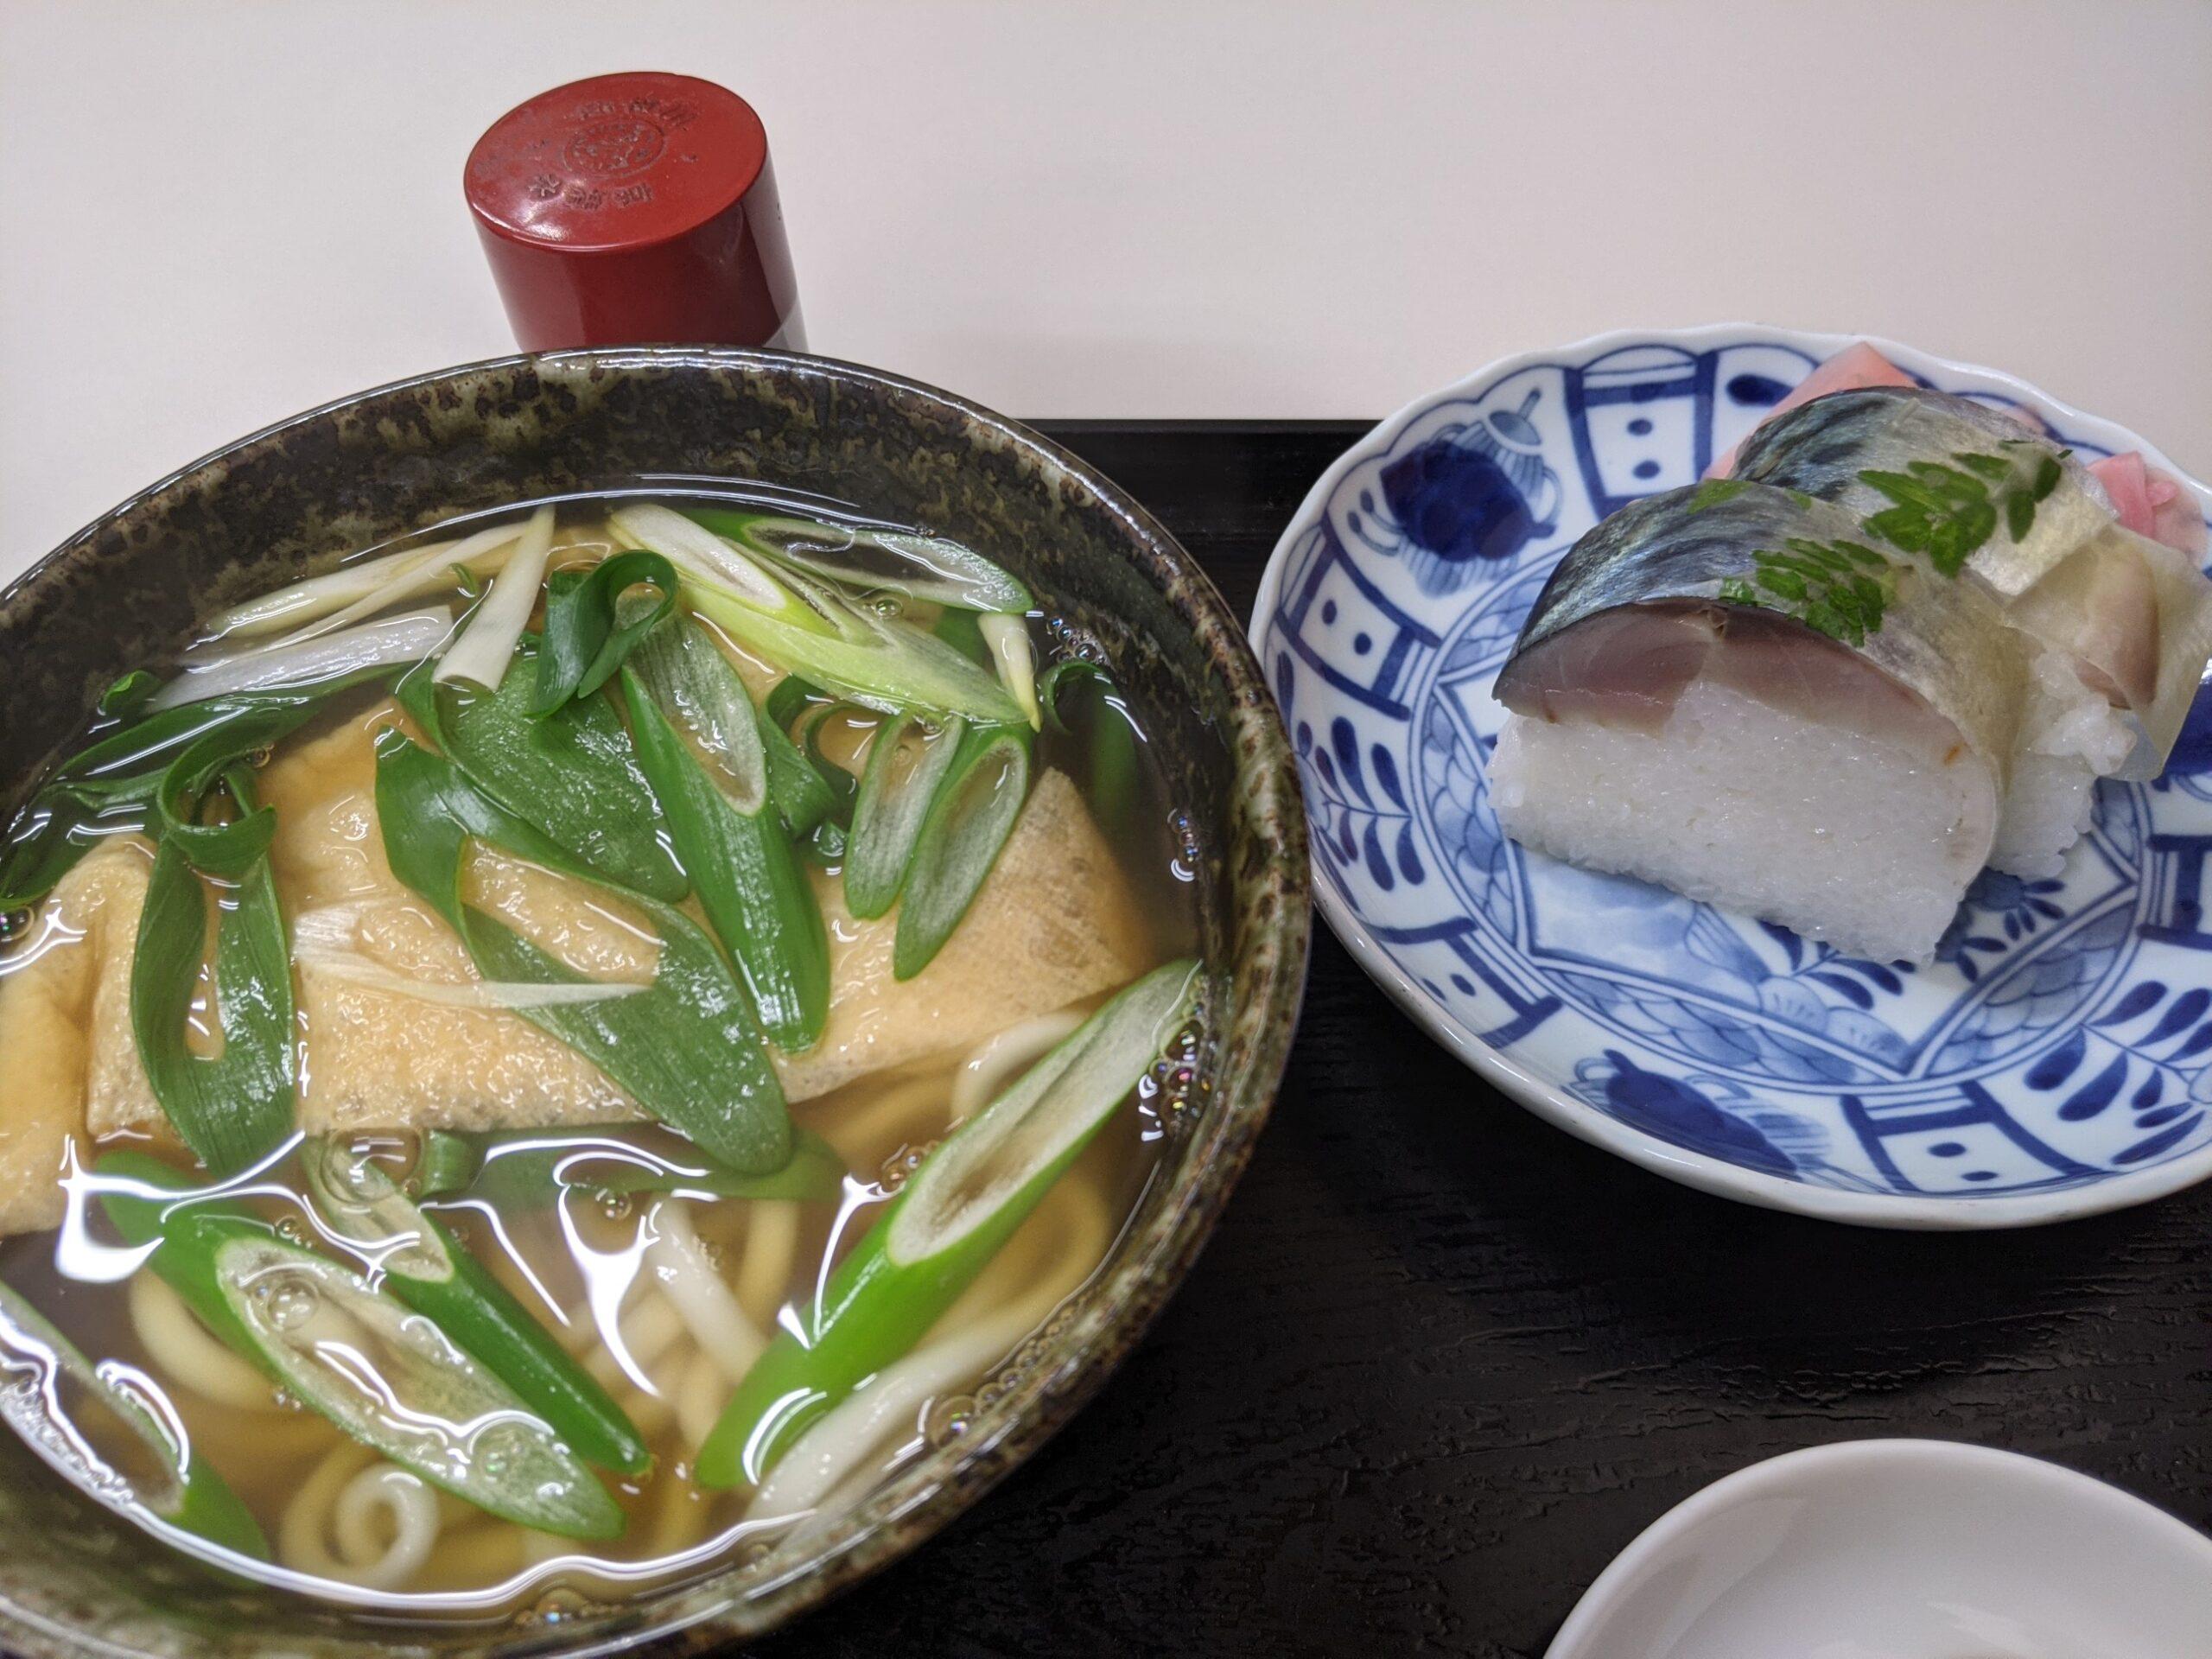 鯖寿司きつねうどんセット